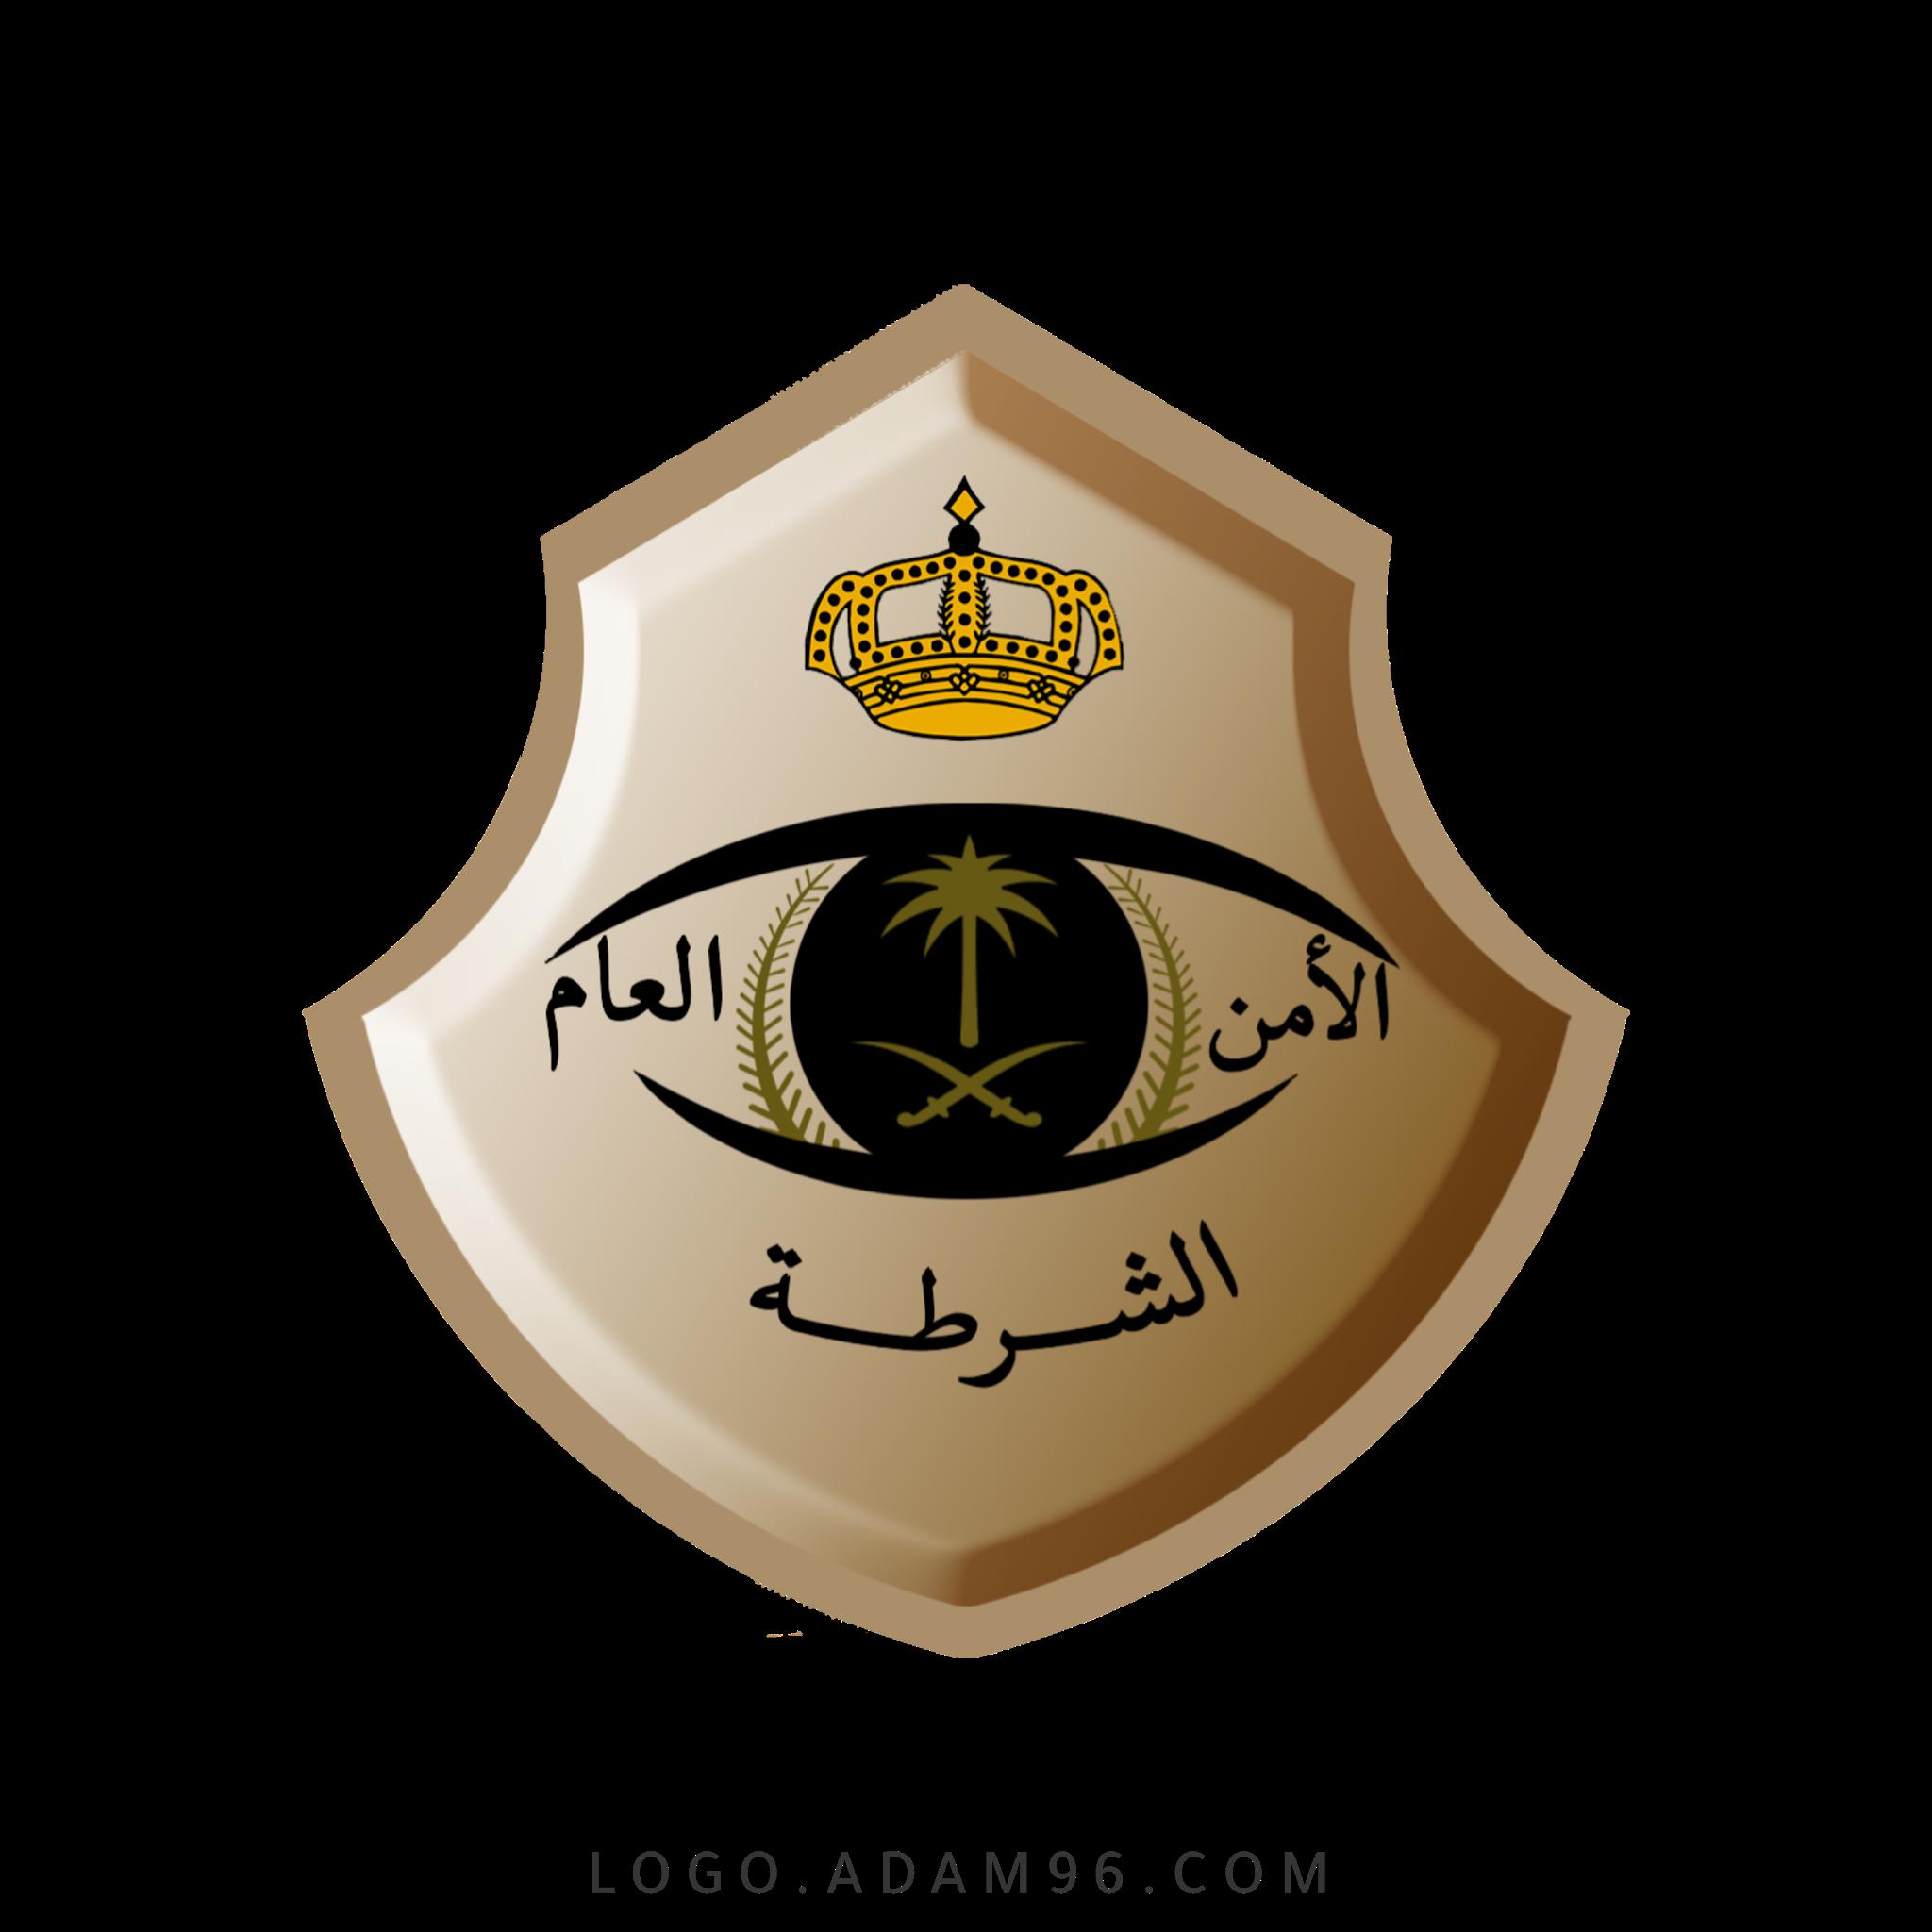 تحميل شعار الأمن العام الشرطة السعودية لوجو رسمي عالي الجودة PNG